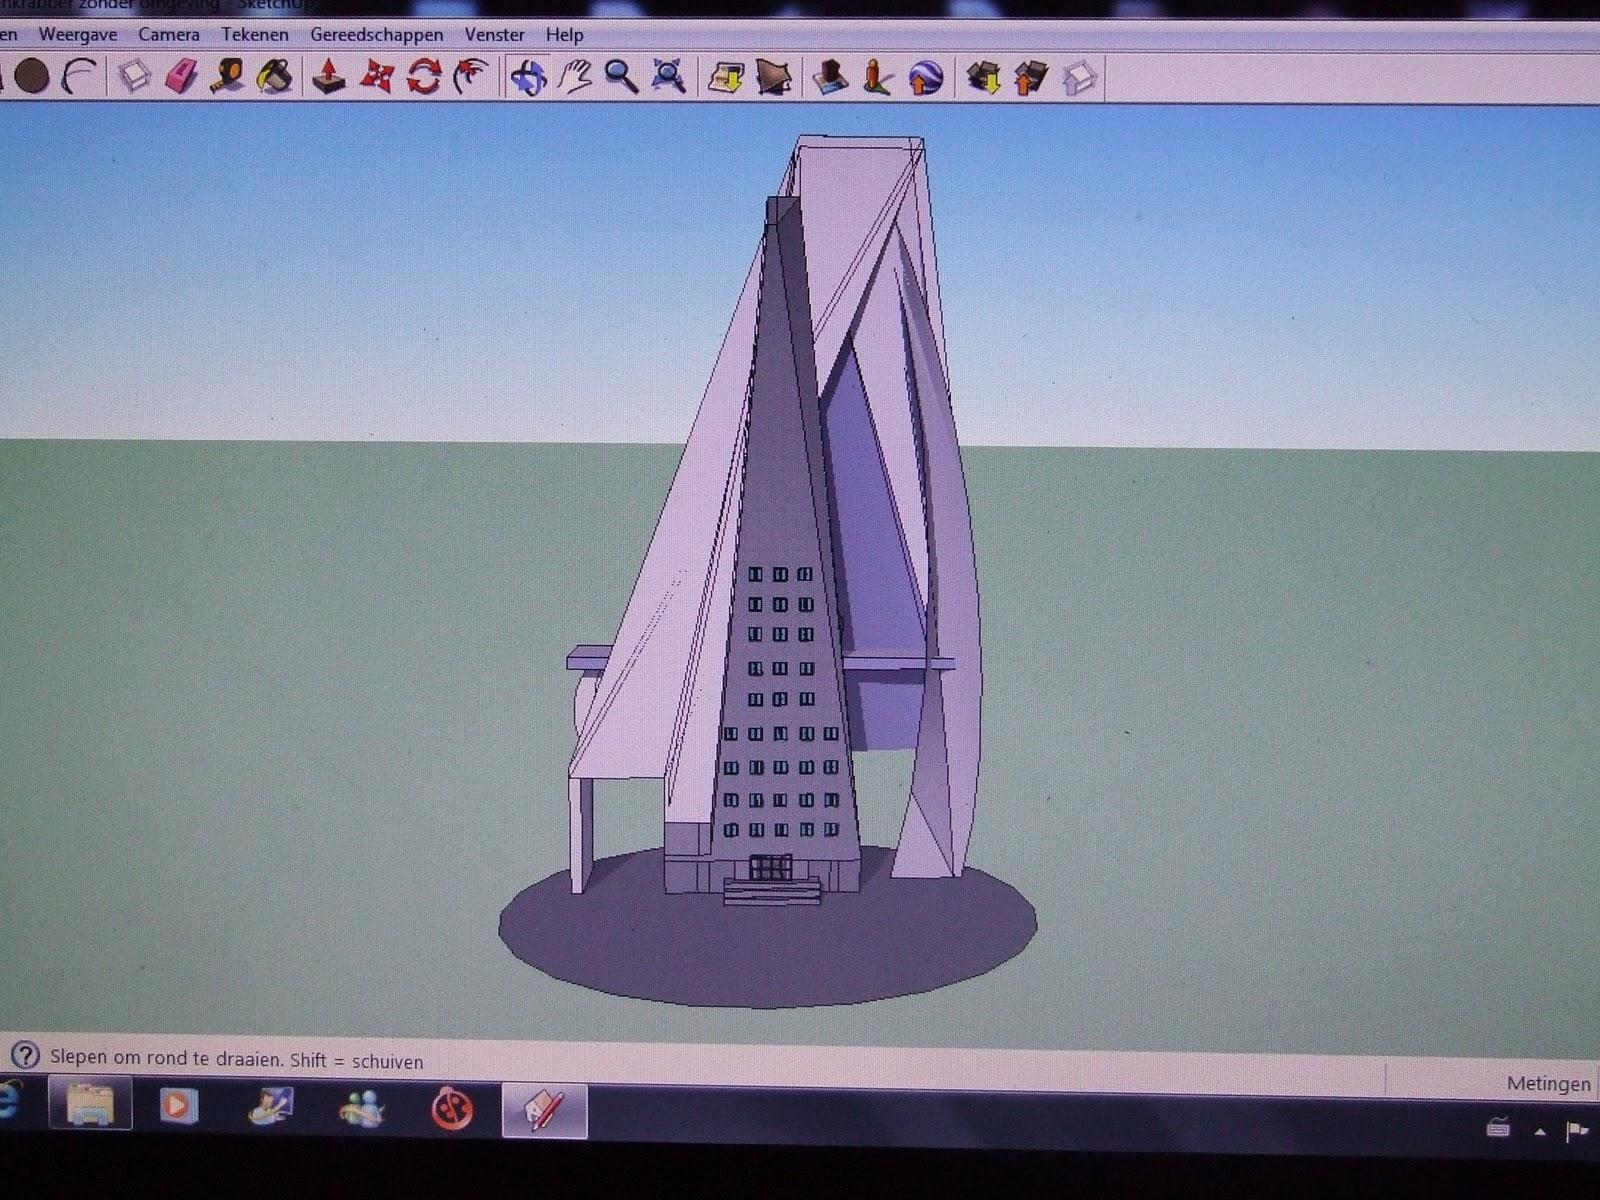 Ckv maurice van den dool oktober 2011 - Grot ontwerp ...